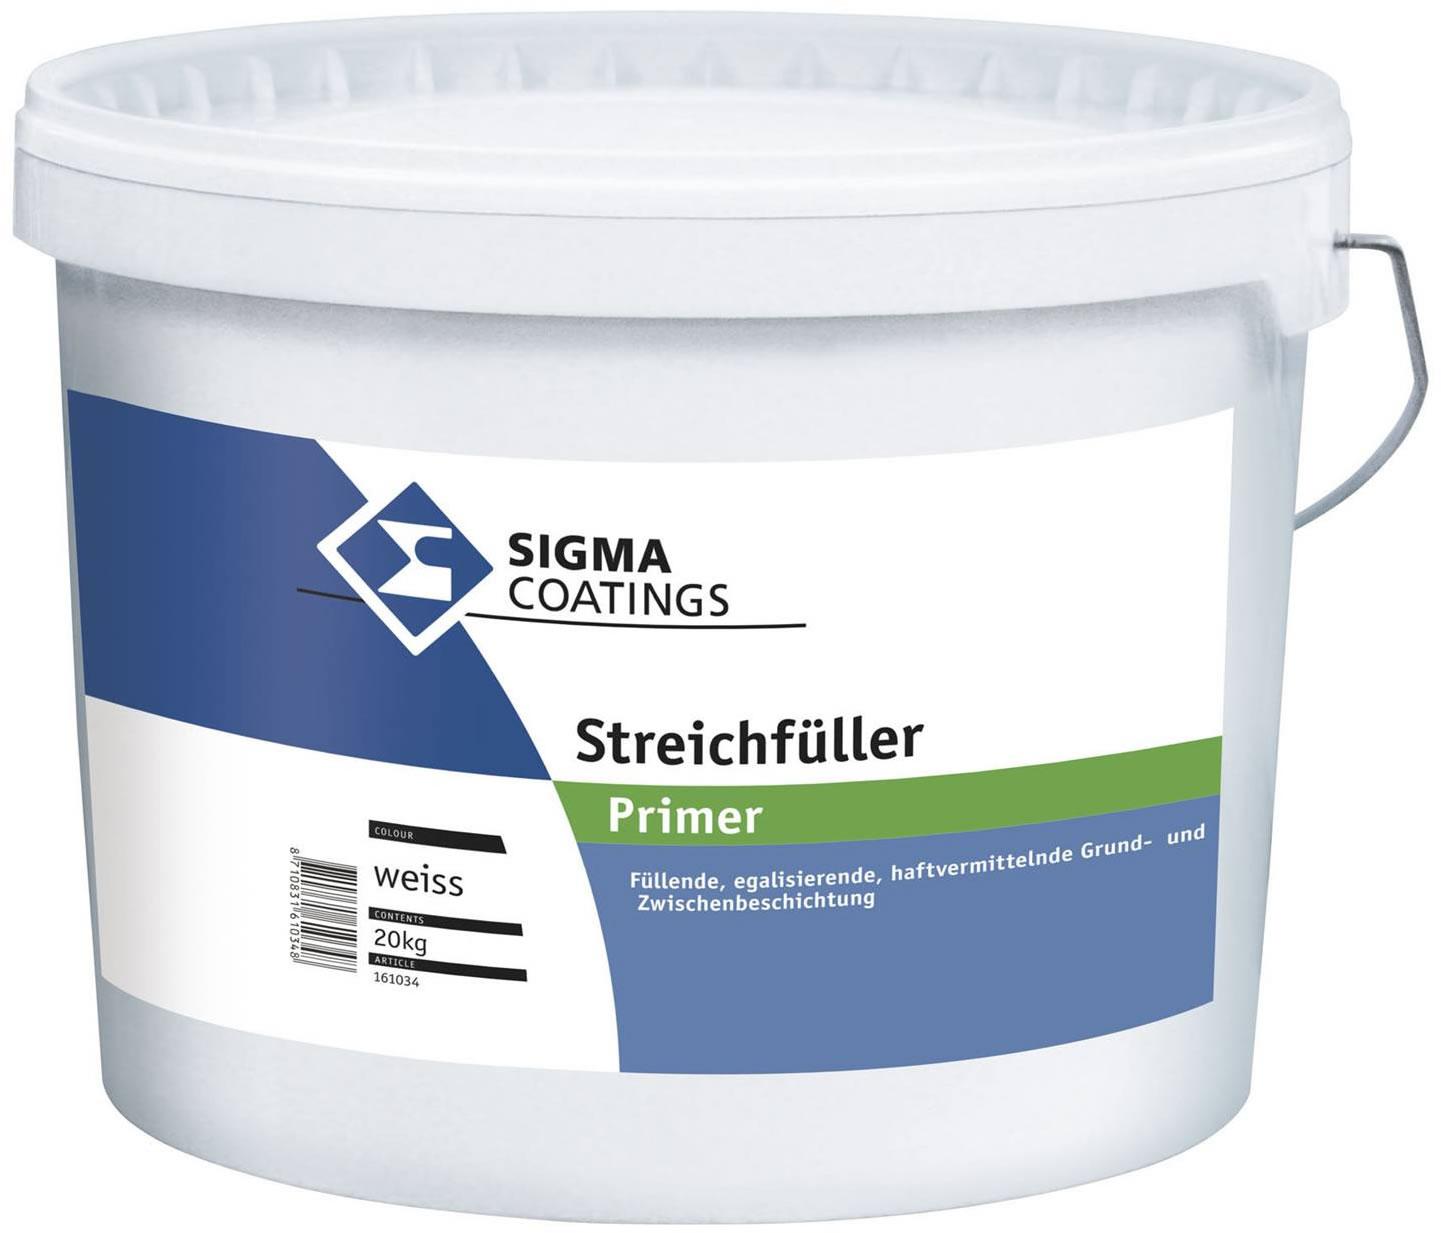 SIGMA Silikat Streichfüller